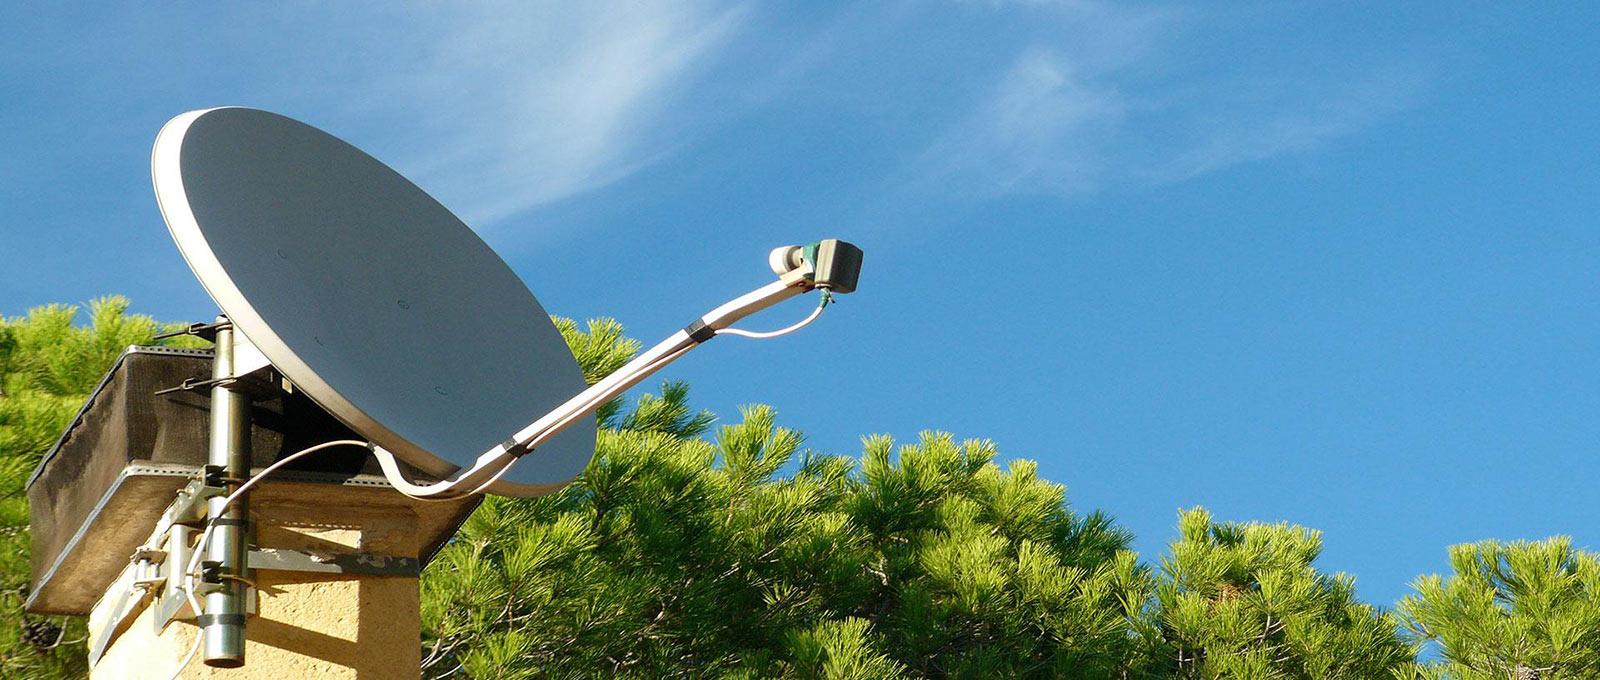 Antennes terrestres et satellites